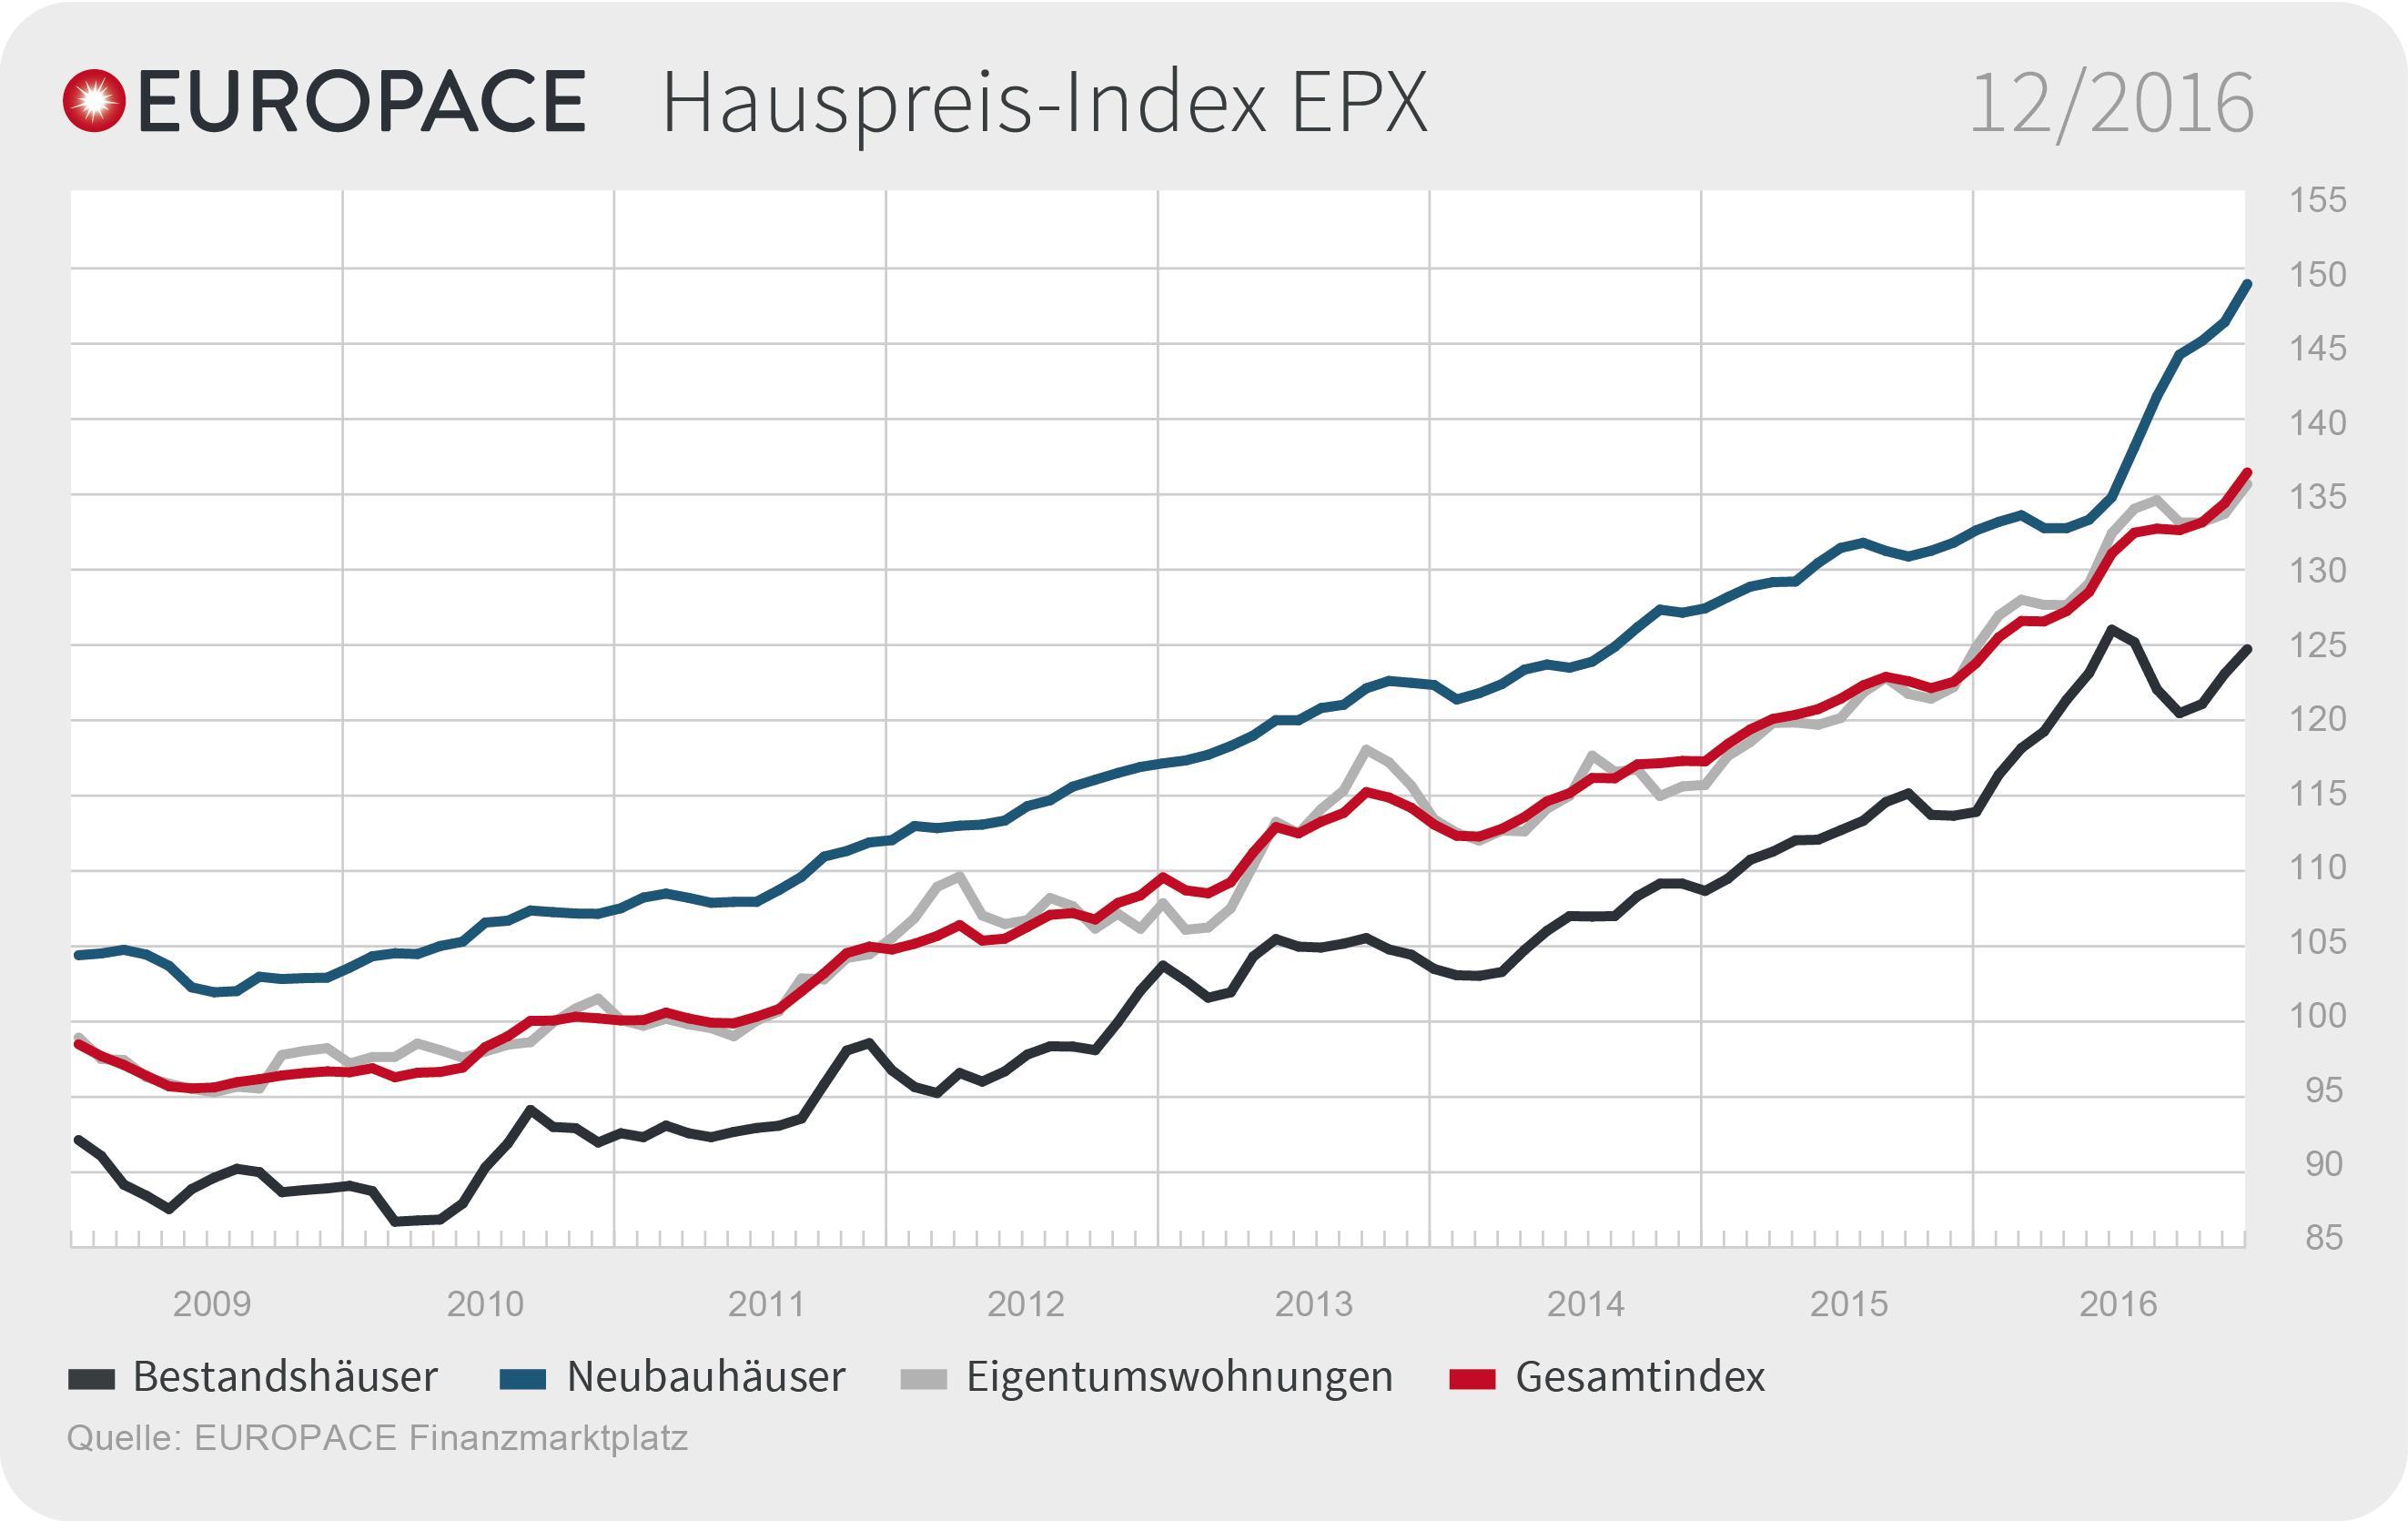 Epx Dezember 2016 De in EPX: Immobilienblase trotz steigender Preise nicht in Sicht